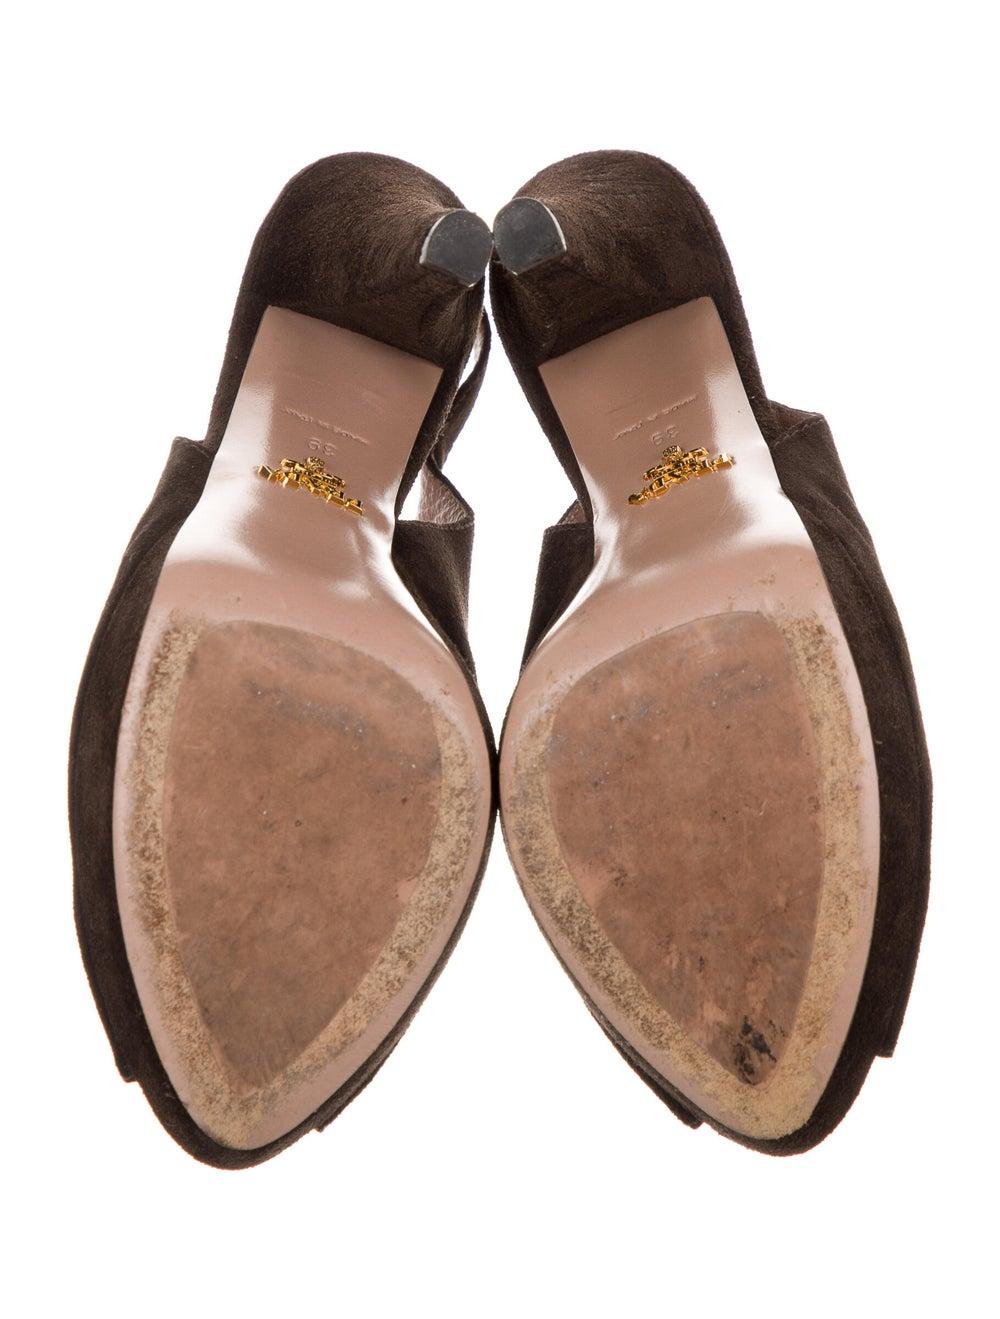 Prada Suede Slingback Sandals Brown - image 5